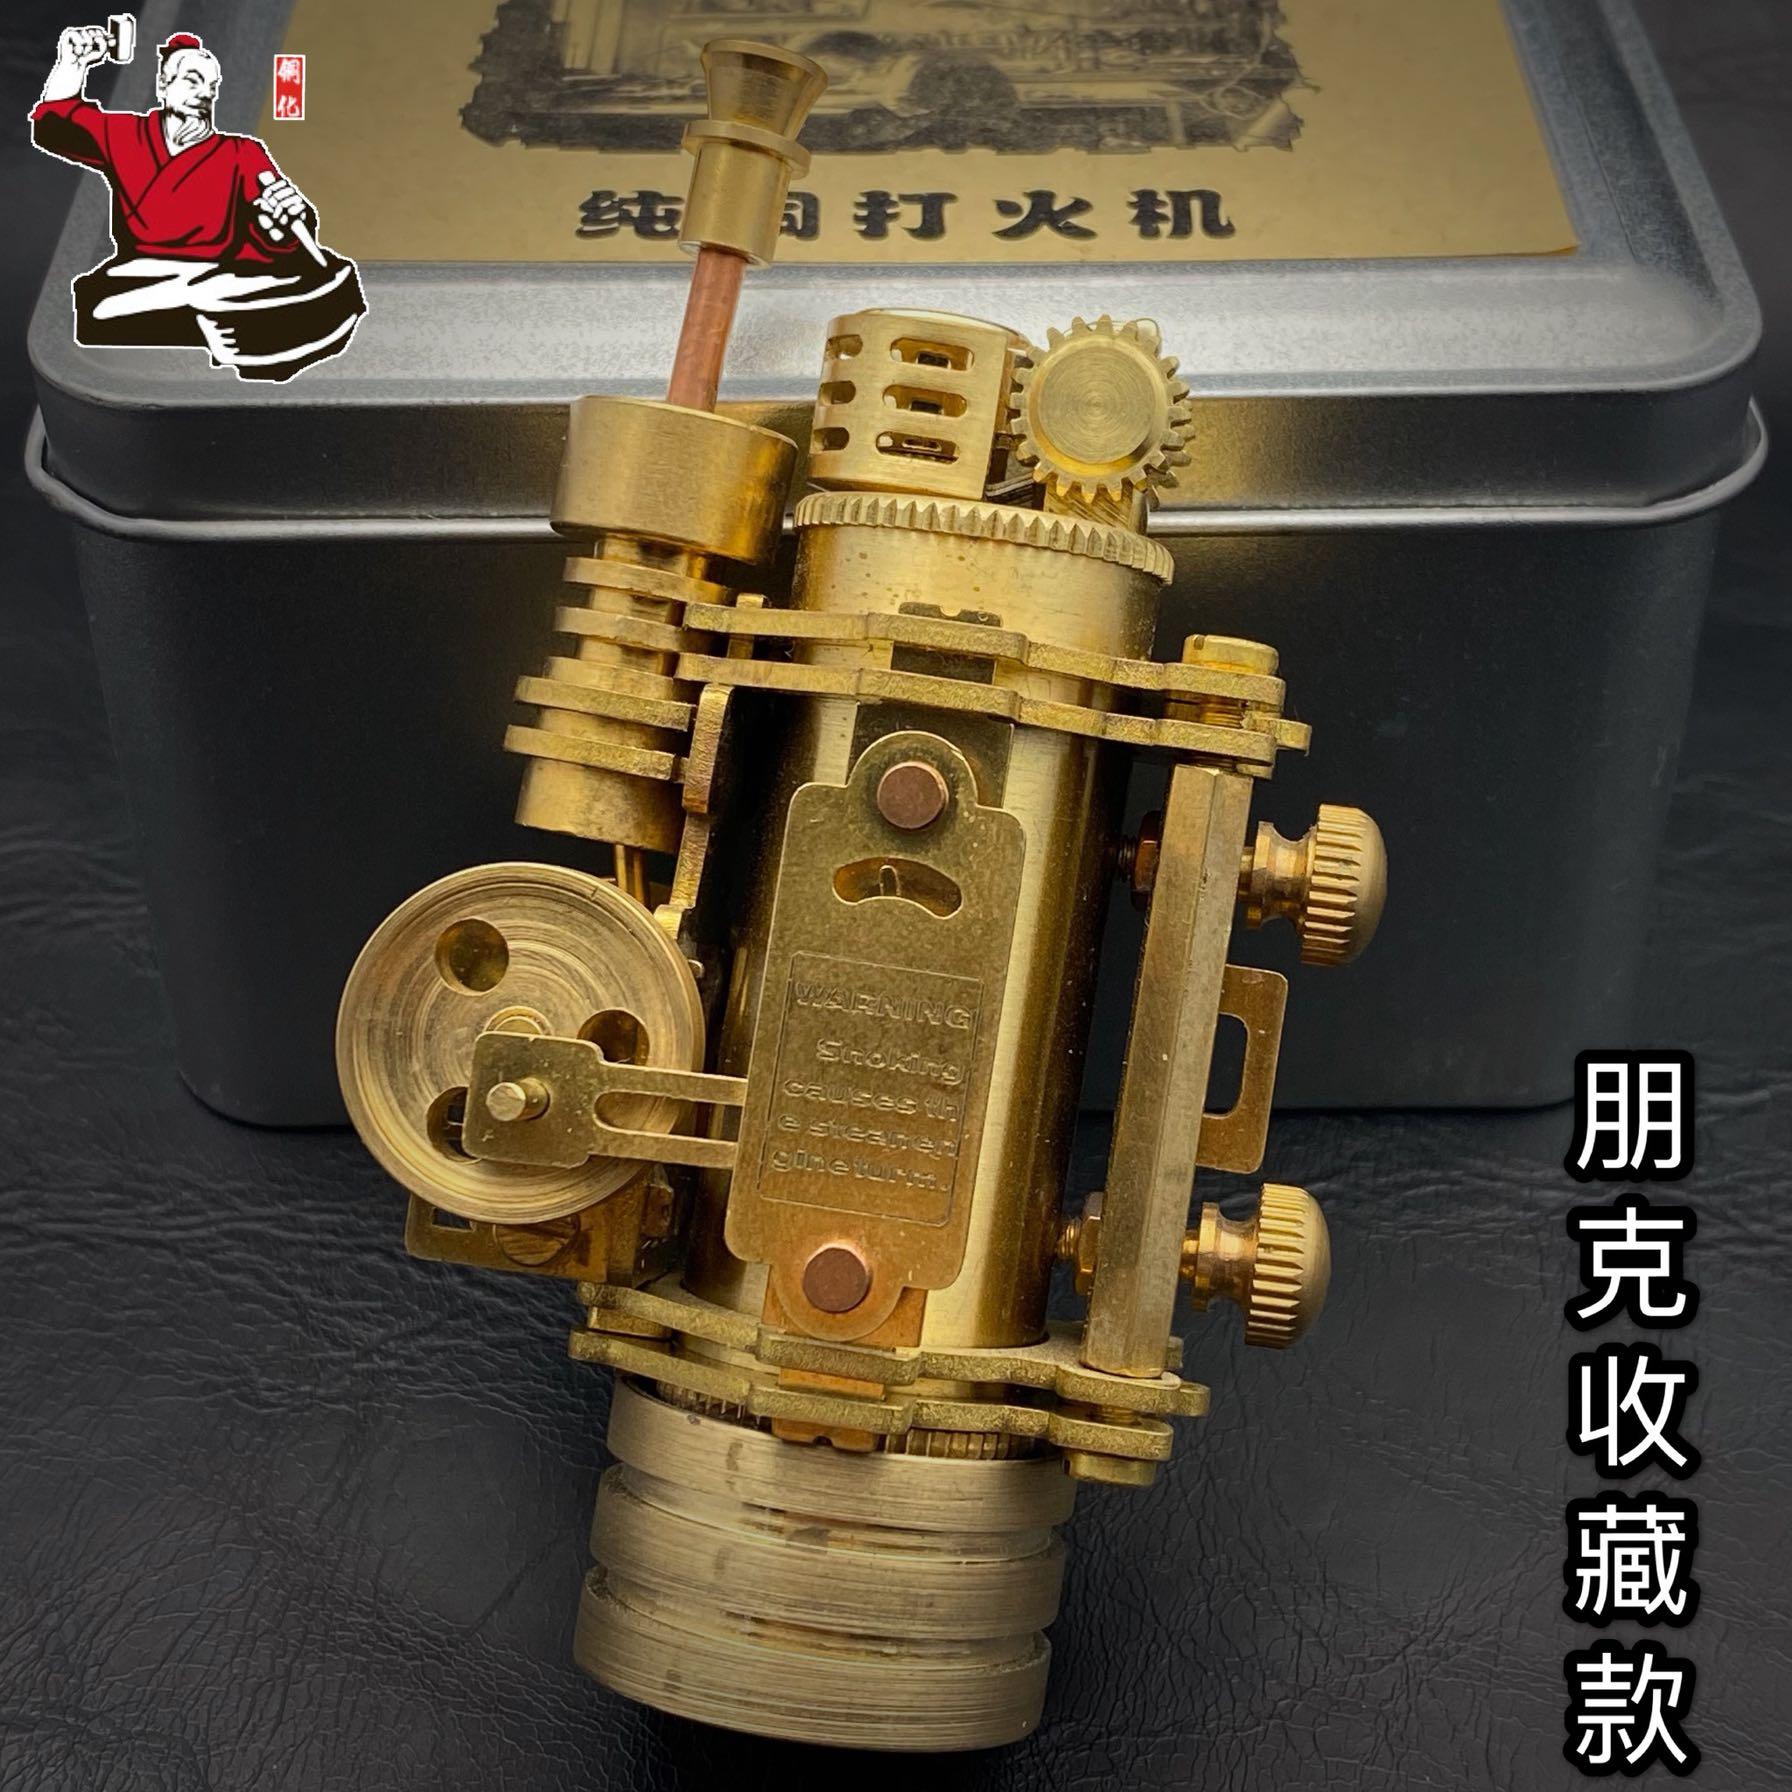 收藏型蒸汽朋克机械煤油打火机烟斗复古手工把玩战甲火机男礼物